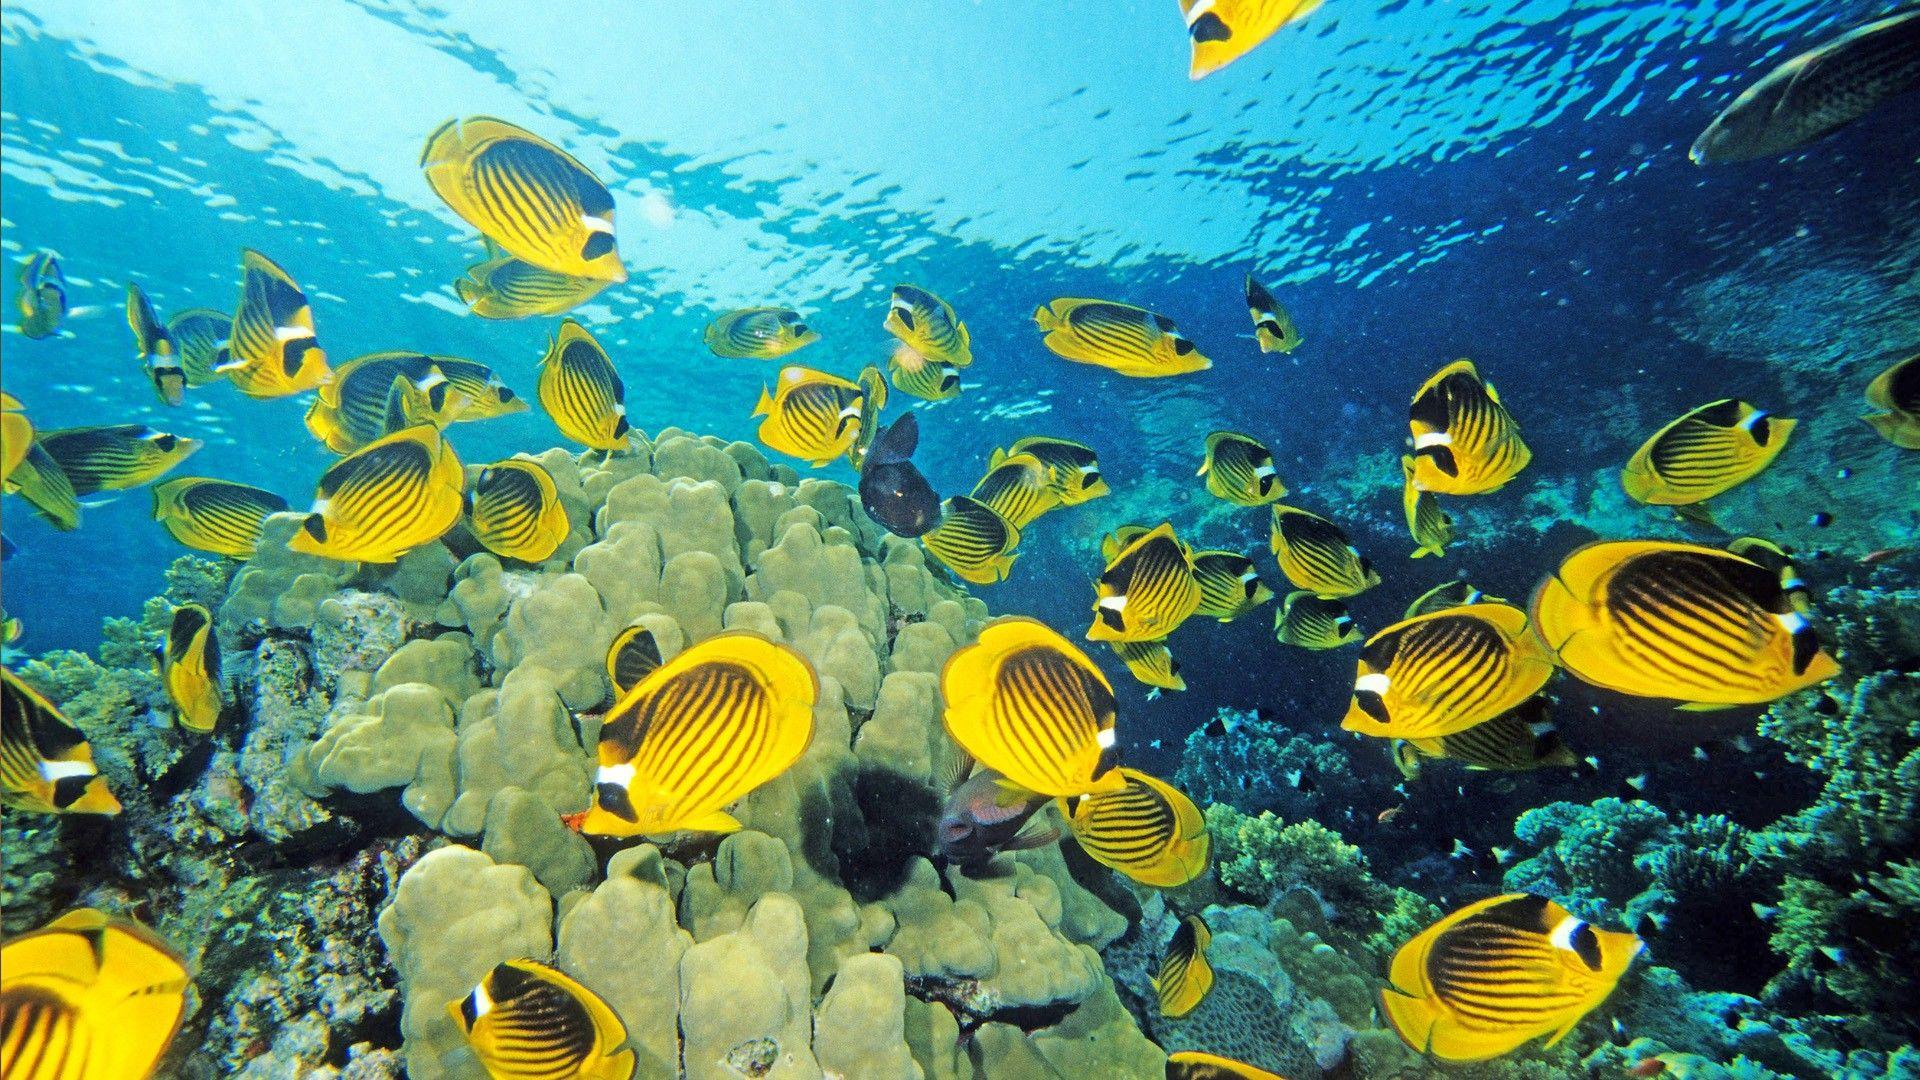 Ocean Life Wallpapers Yellow Fish Animal Wallpaper Fish Wallpaper